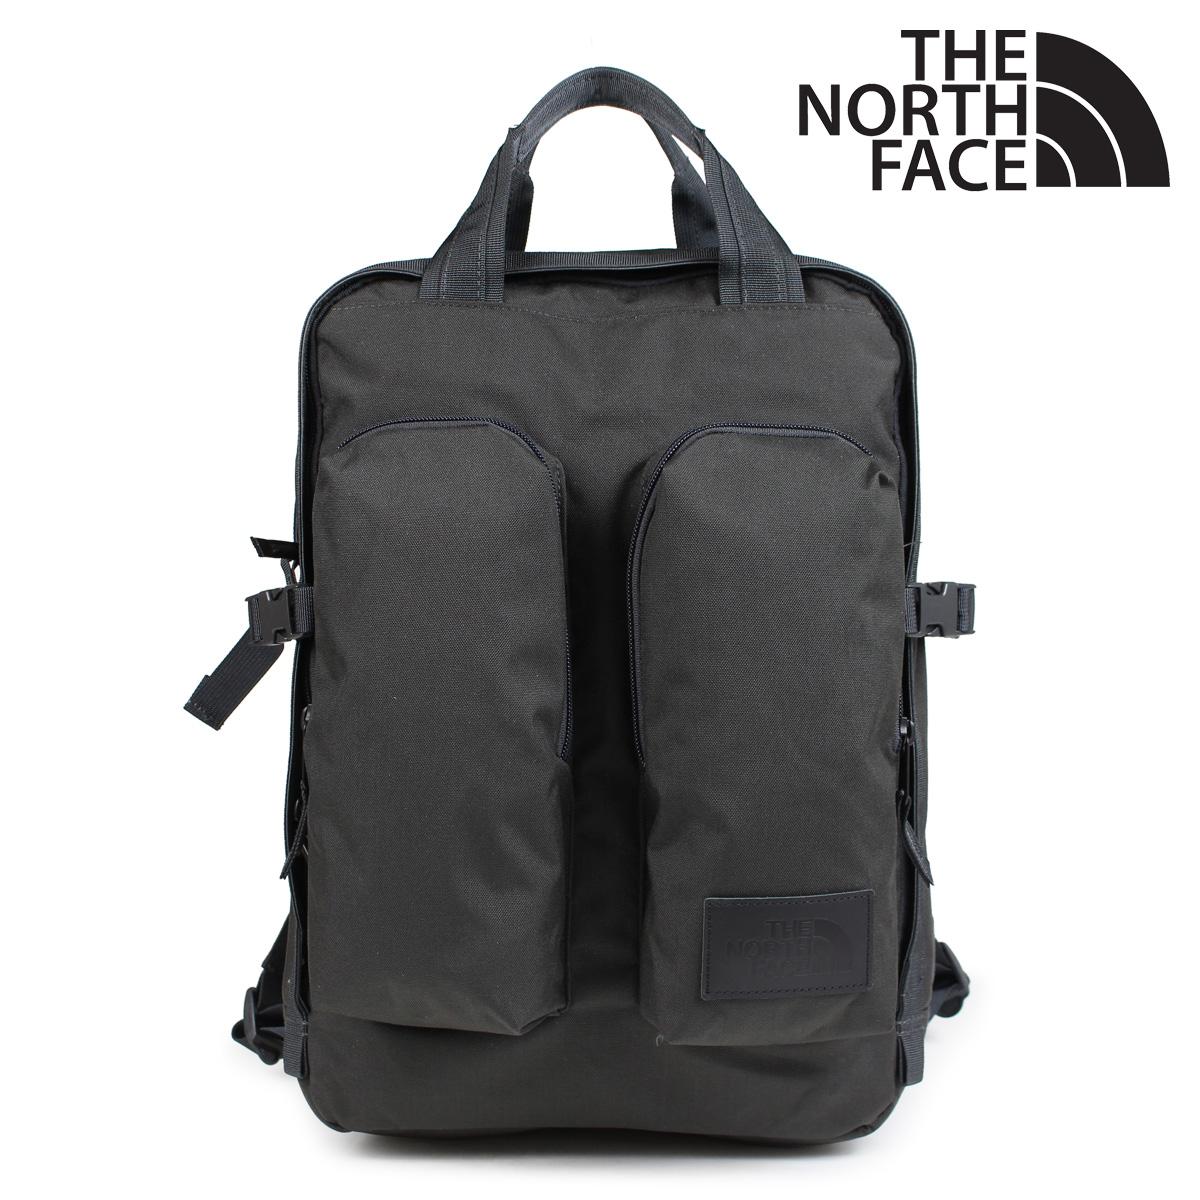 ノースフェイス THE NORTH FACE リュック メンズ バックパック MINI CREVASSE T93G8LMN1 ダークグレー [9/19 新入荷]